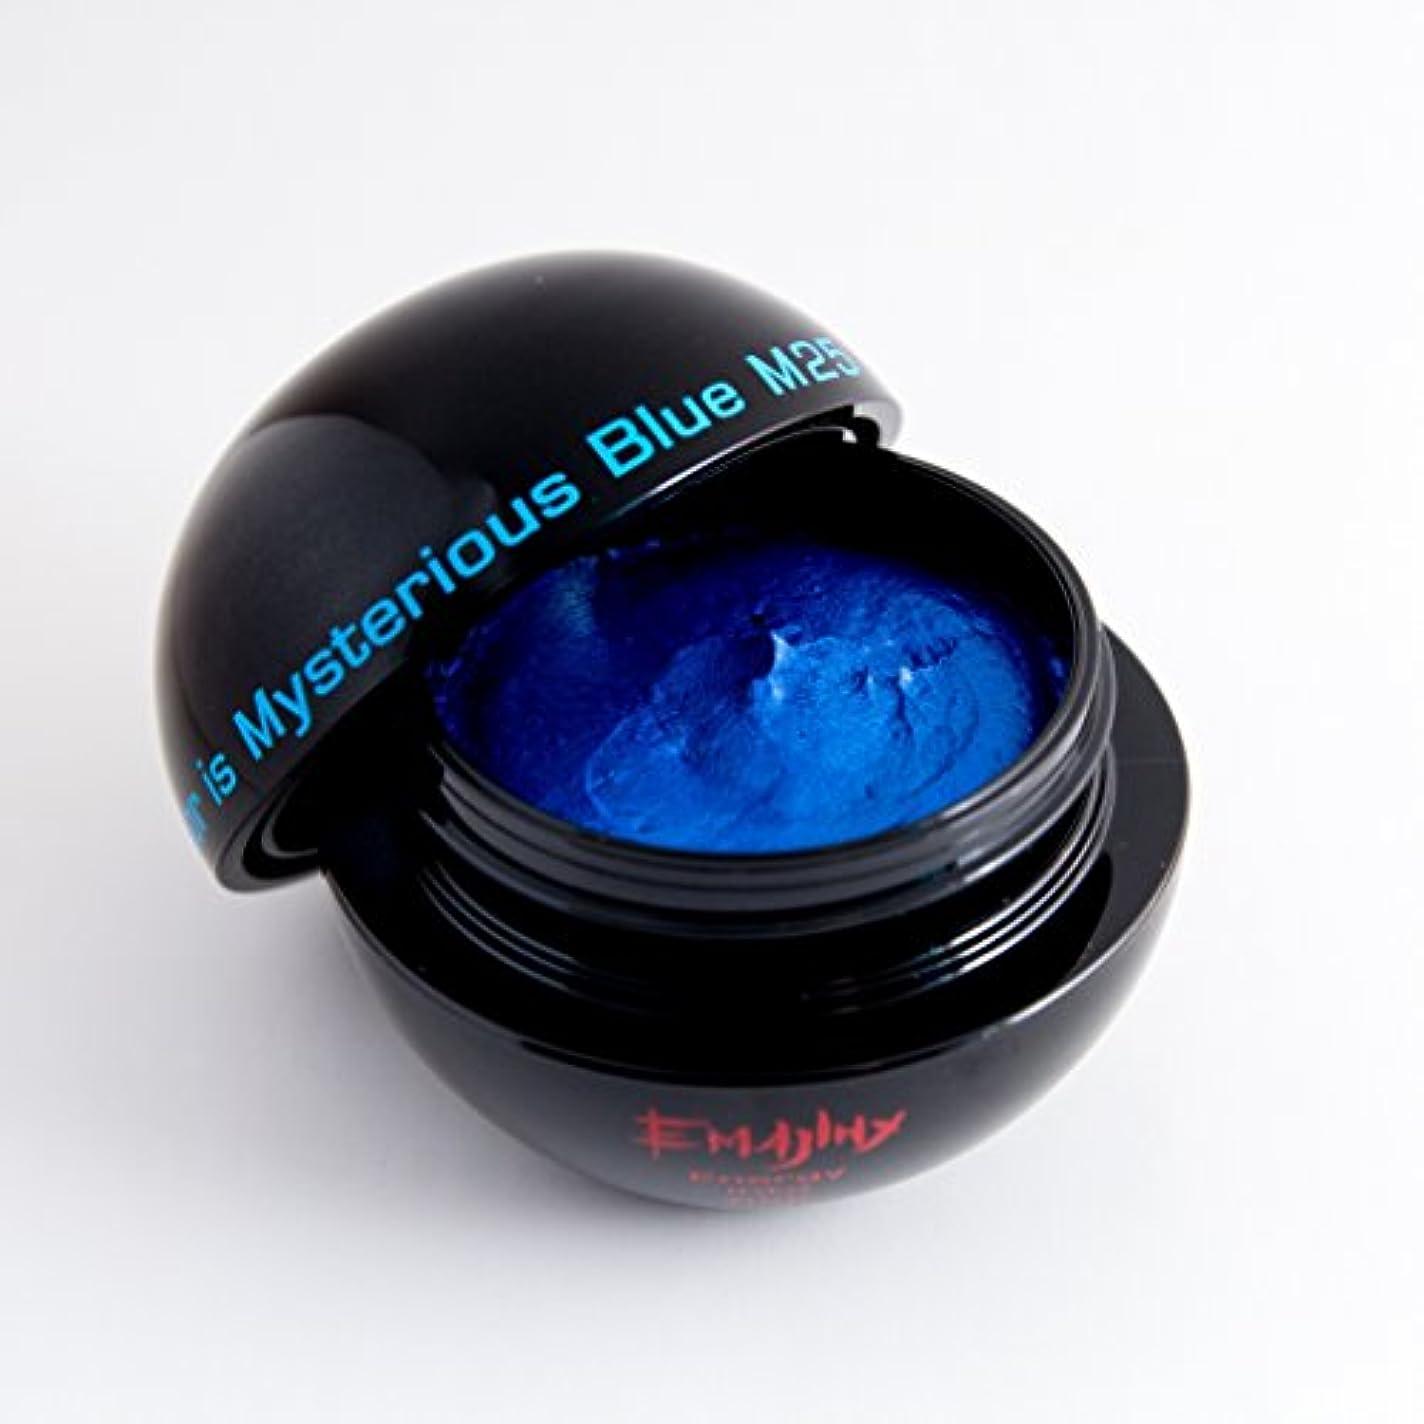 閉塞ドラフト憂慮すべきEMAJINY Mysterious Blue M25(ブルーヘアカラーワックス)青【日本製】【無香料】